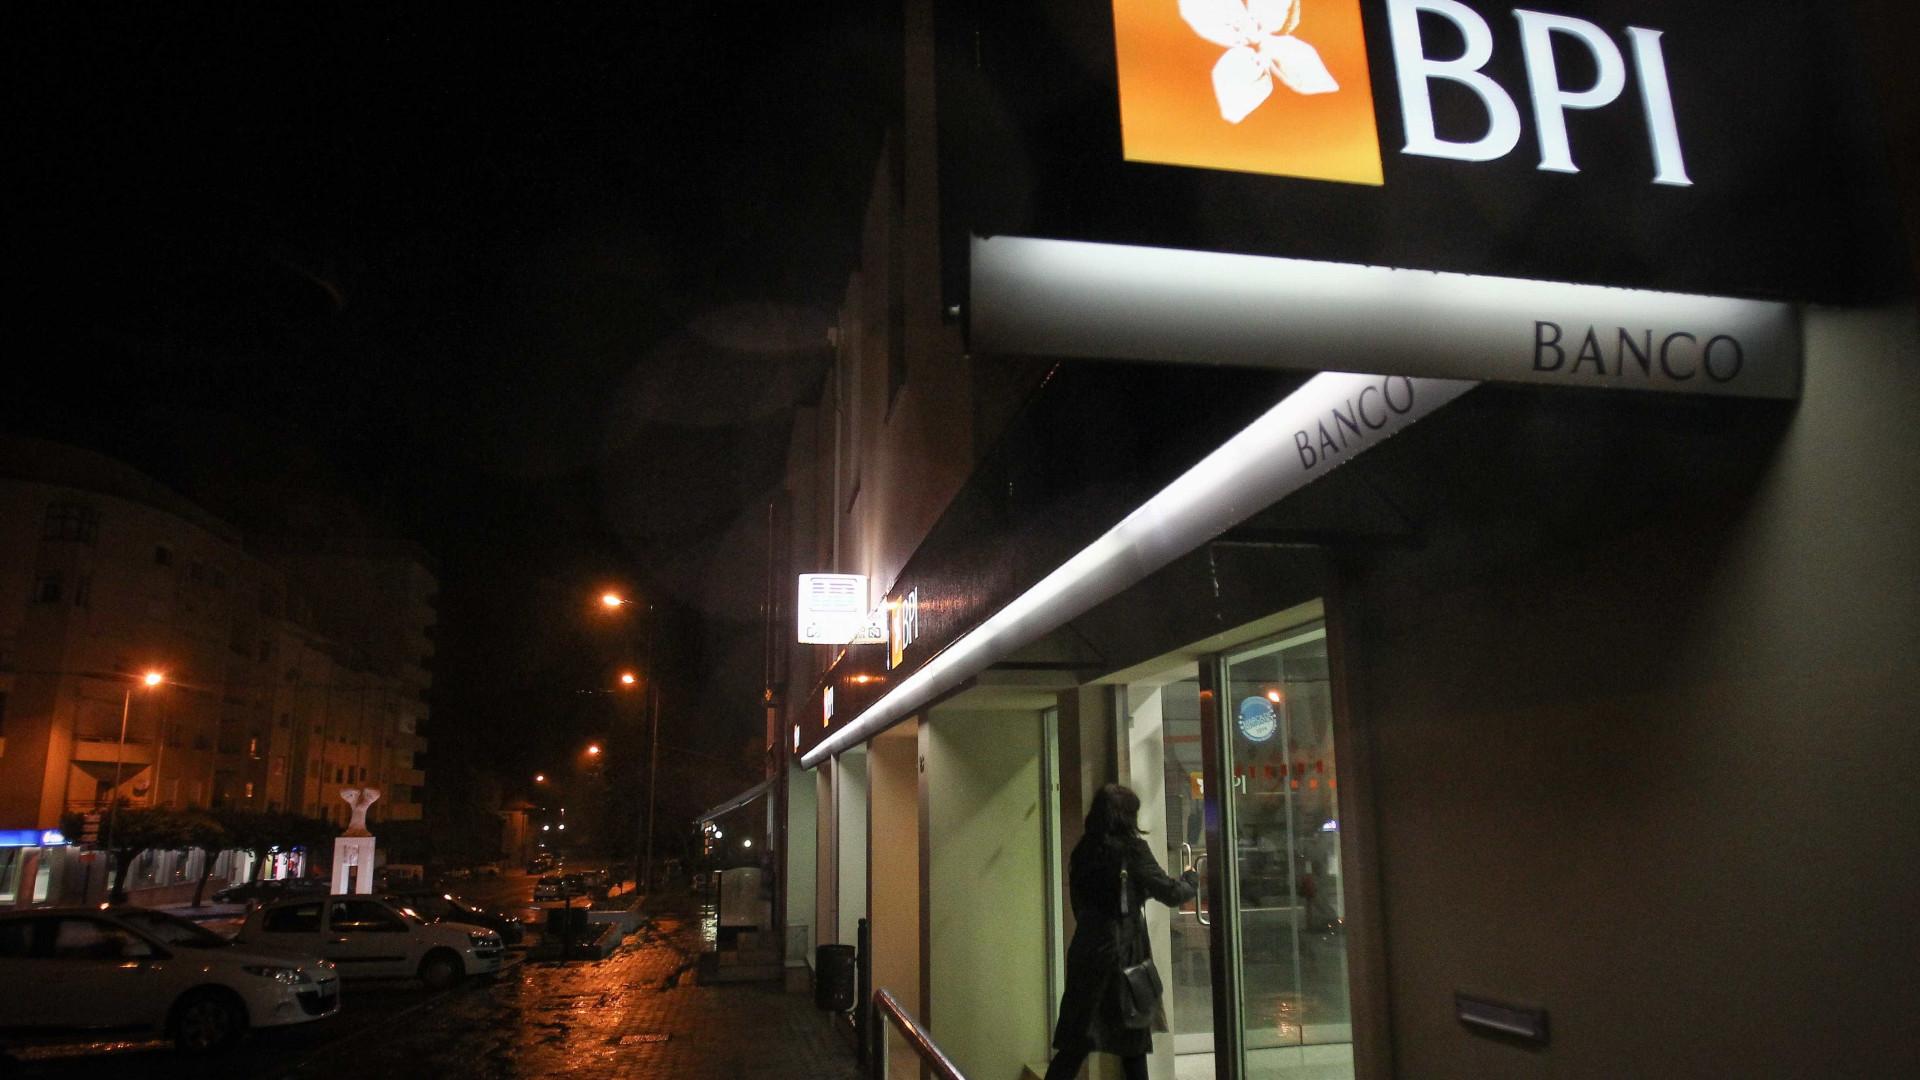 BPI fecha duas agências no fim do mês, em Braga e Vila Franca do Campo